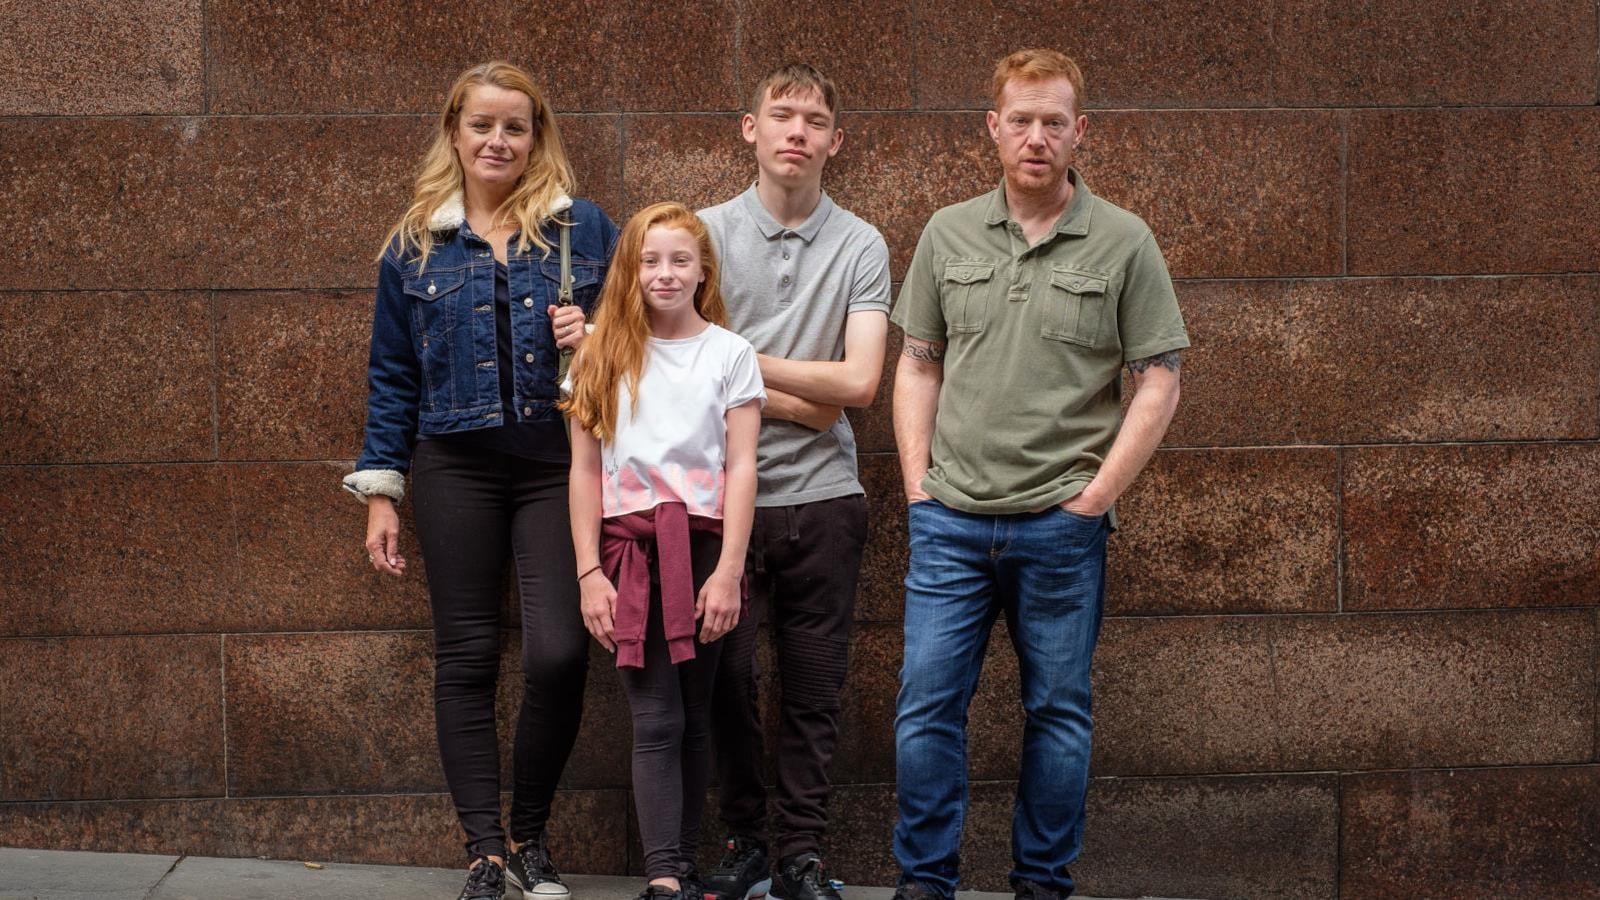 Une famille pose devant un mur en briques.